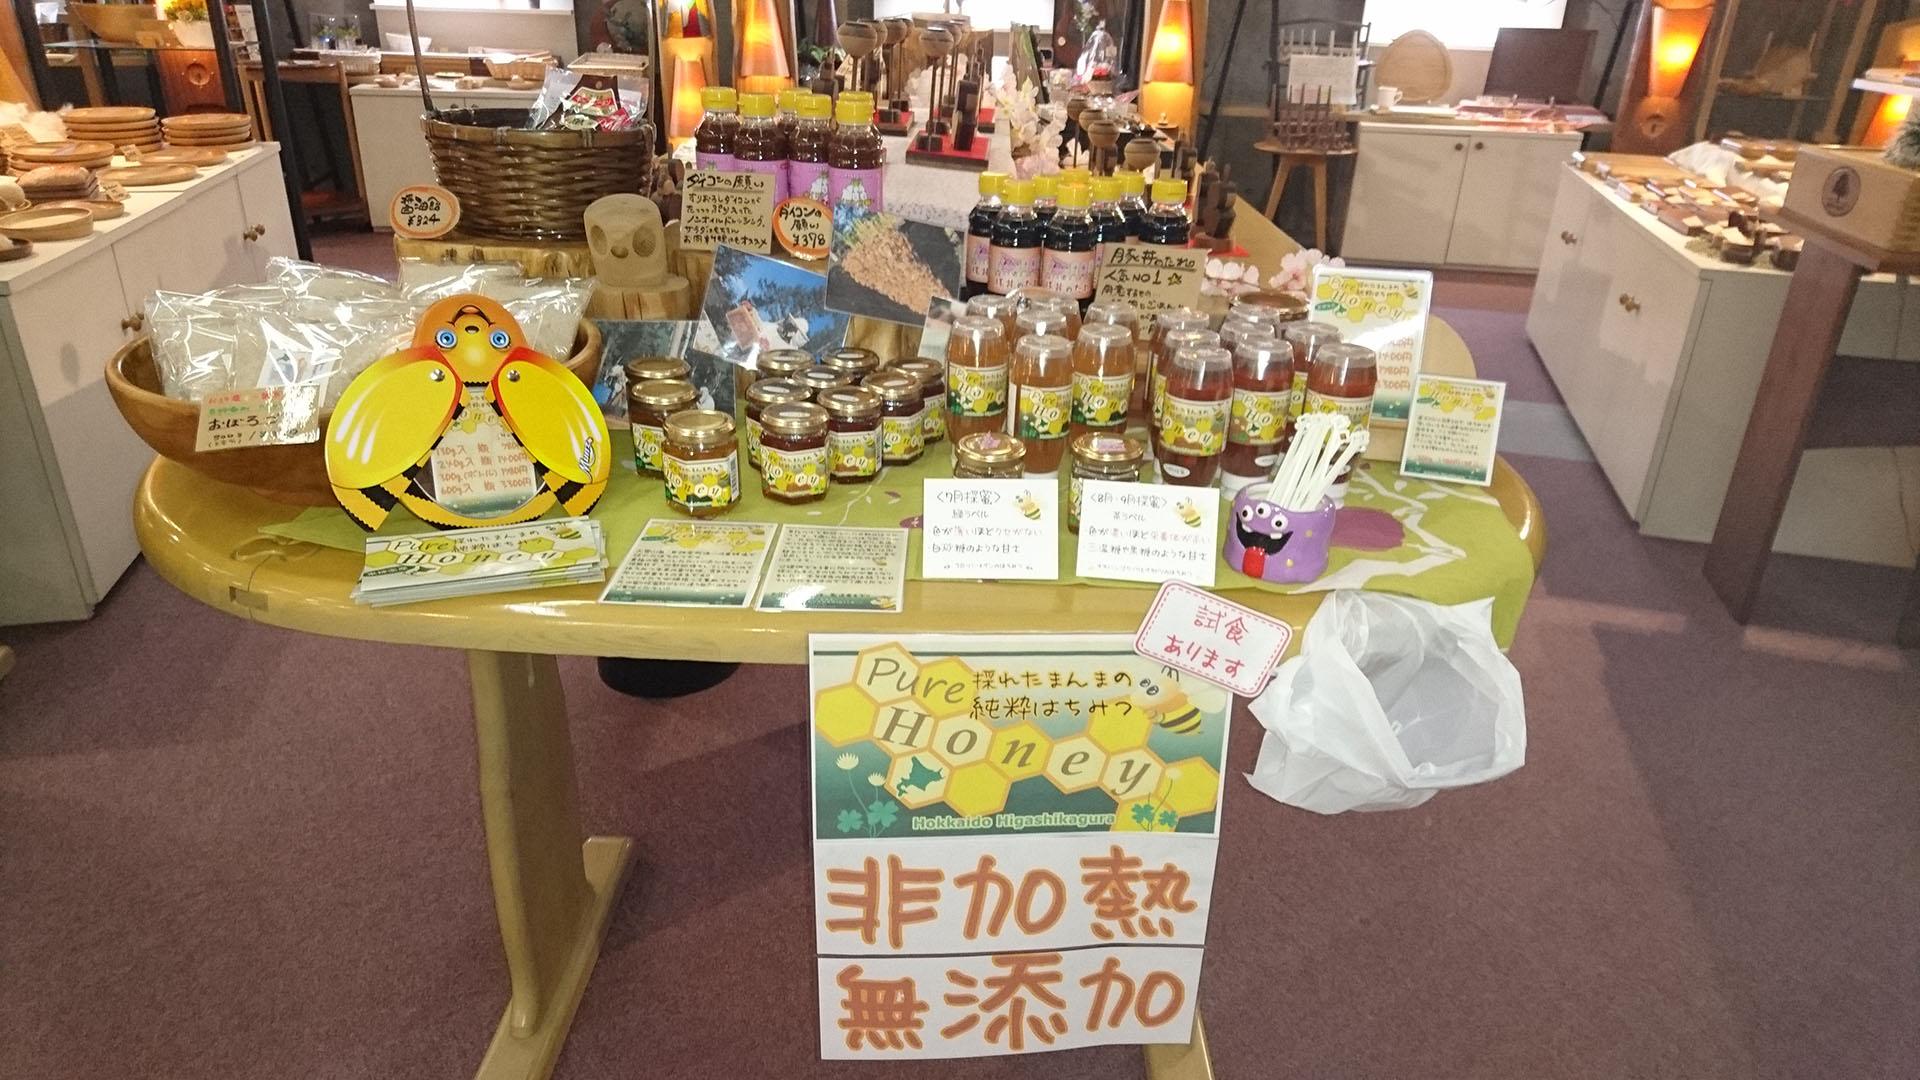 三皇商事photo[旭川 北海道 純粋ハチミツ販売]